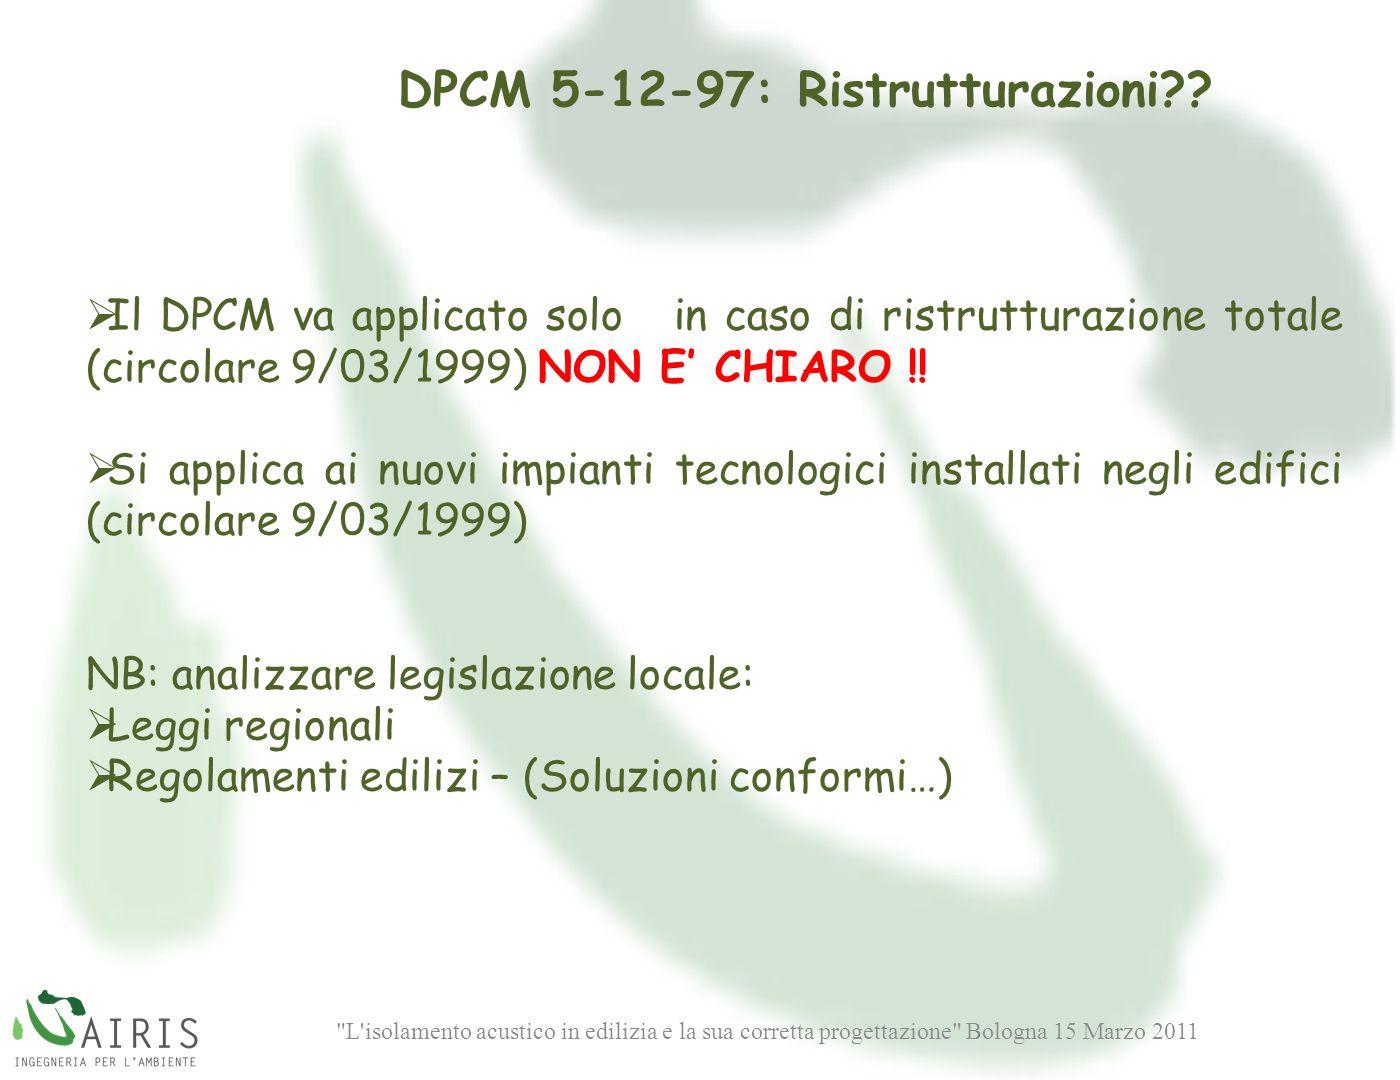 DPCM 5-12-97: Ristrutturazioni